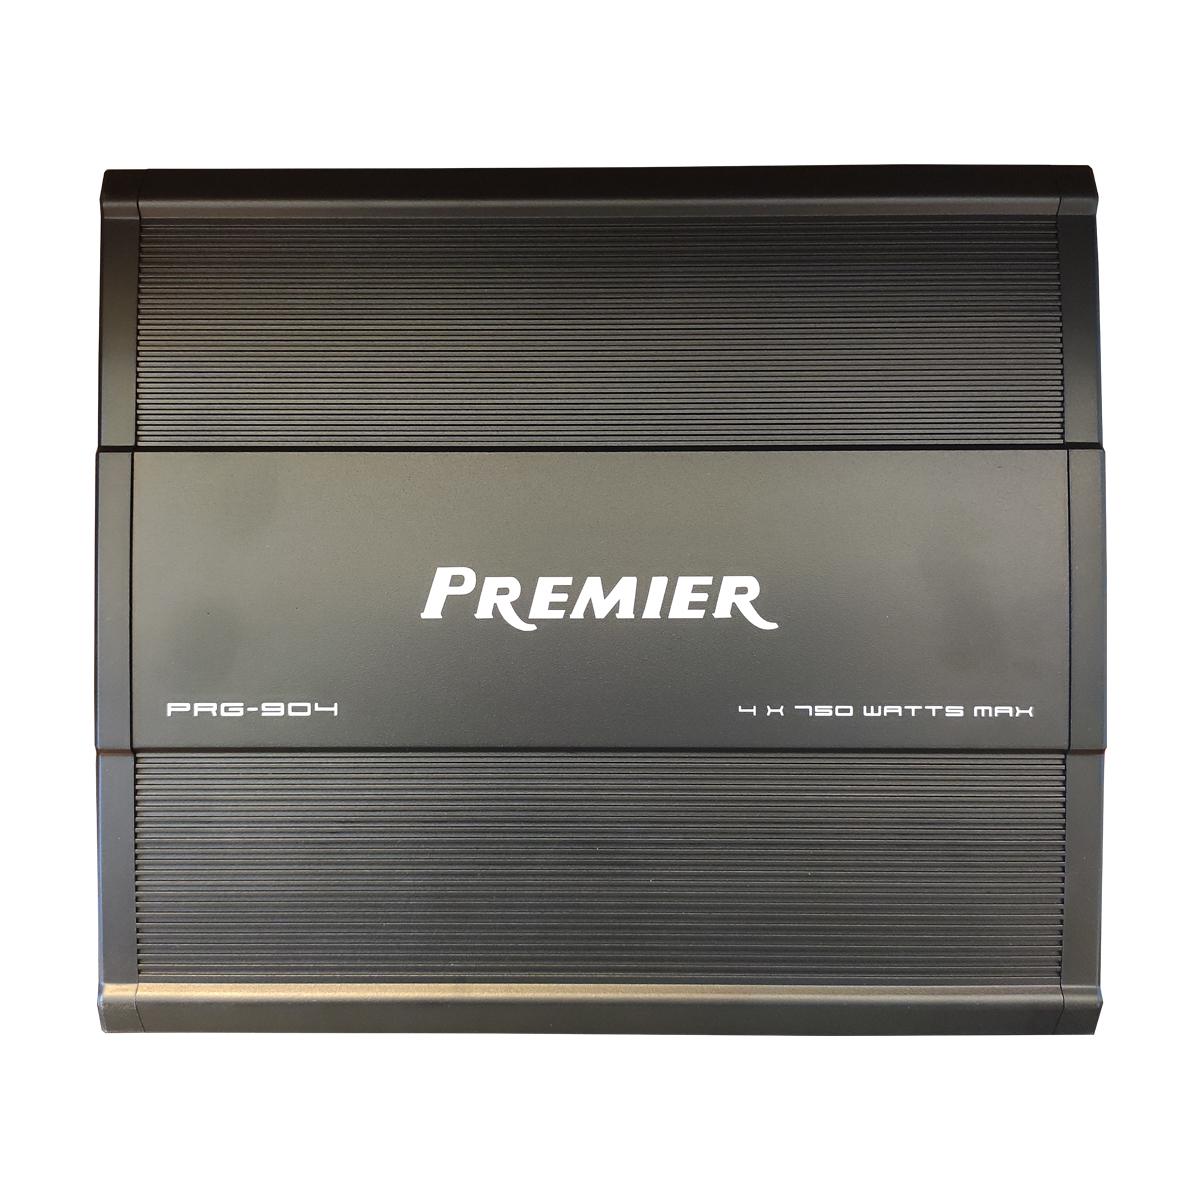 آمپلی فایر خودرو پریمیر مدل PRG-904